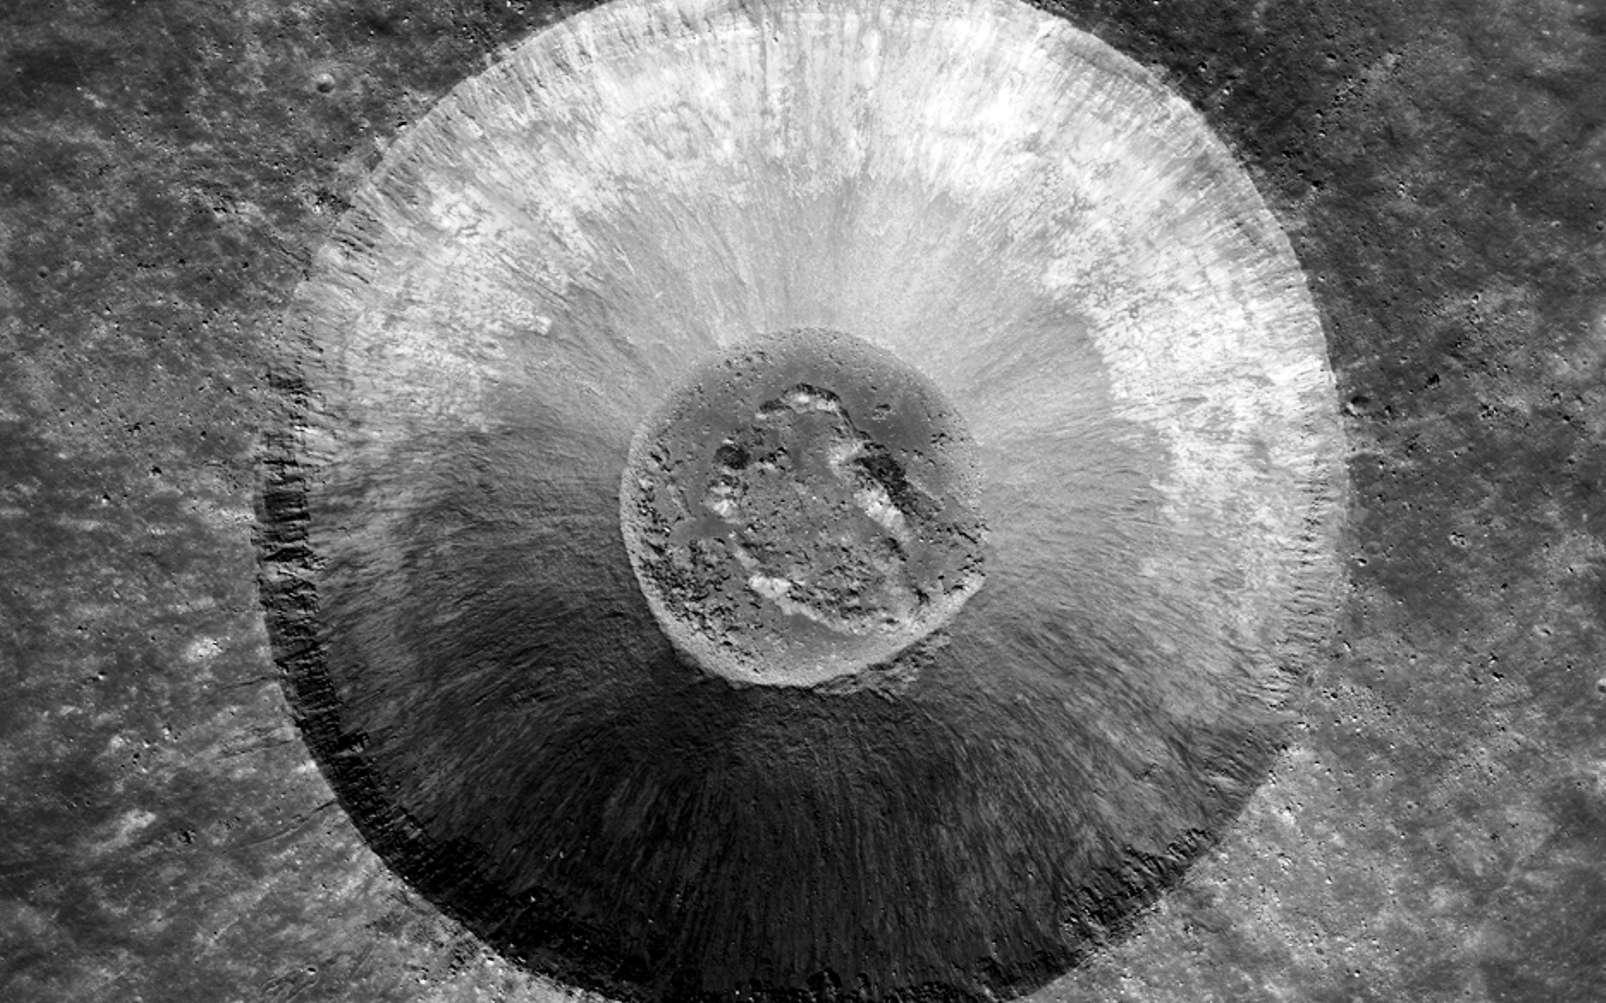 Lichtenberg B est un jeune cratère d'impact magnifiquement préservé. Les affleurements rocheux dans la partie supérieure de la paroi du cratère sont dus aux coulées de lave successives qui ont rempli Oceanus Procellarum il y a plus de 3 milliards d'années. Le cratère a un diamètre d'environ cinq kilomètres. © Nasa, GSFC, Arizona State University